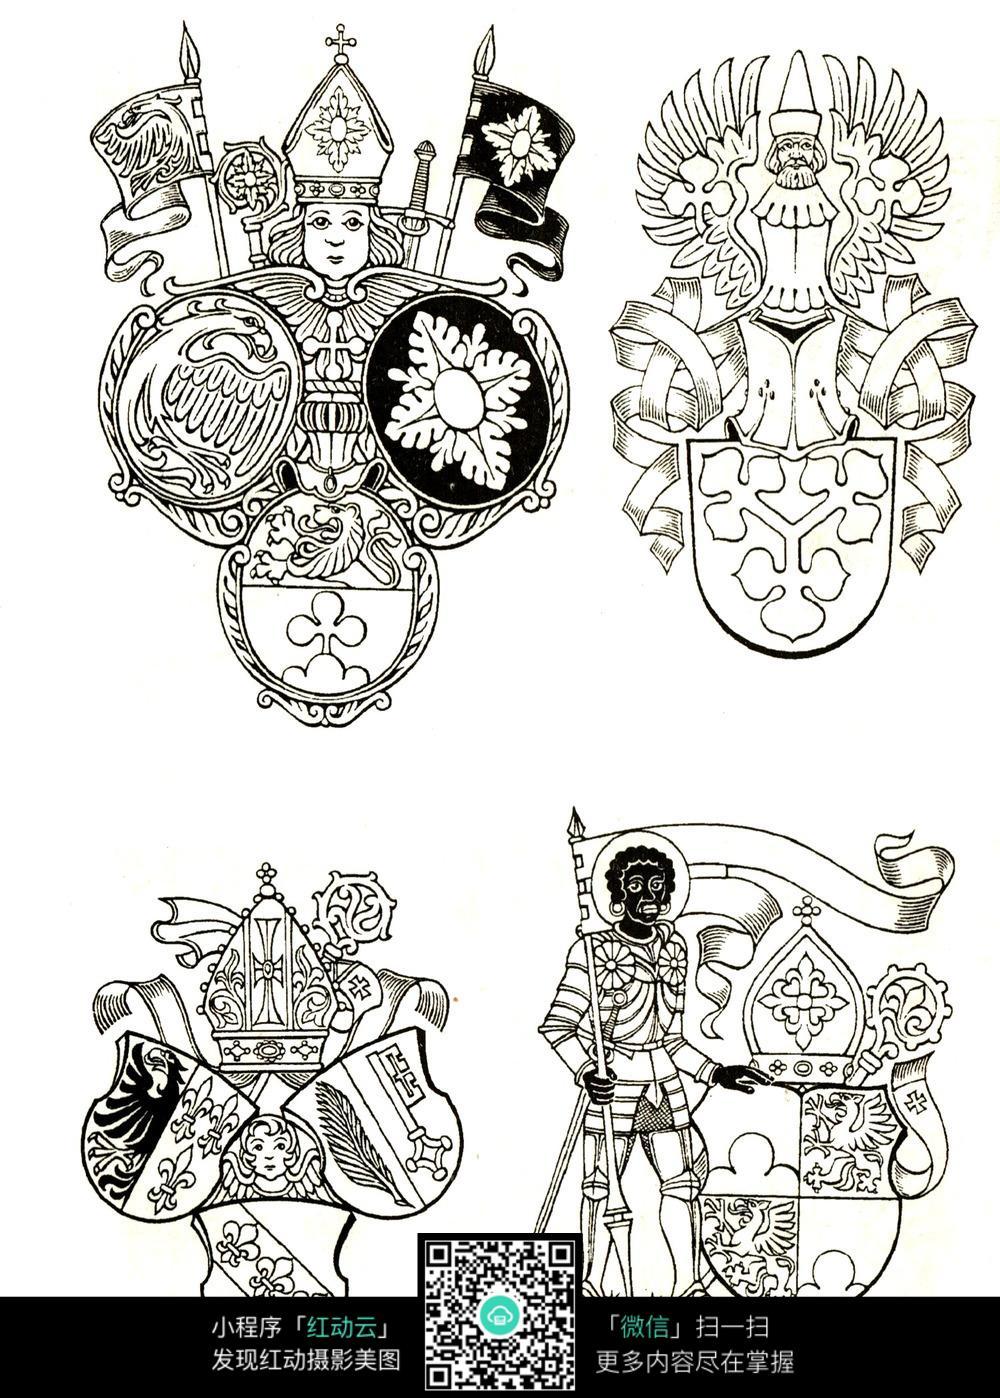 欧美古典人物花纹素材